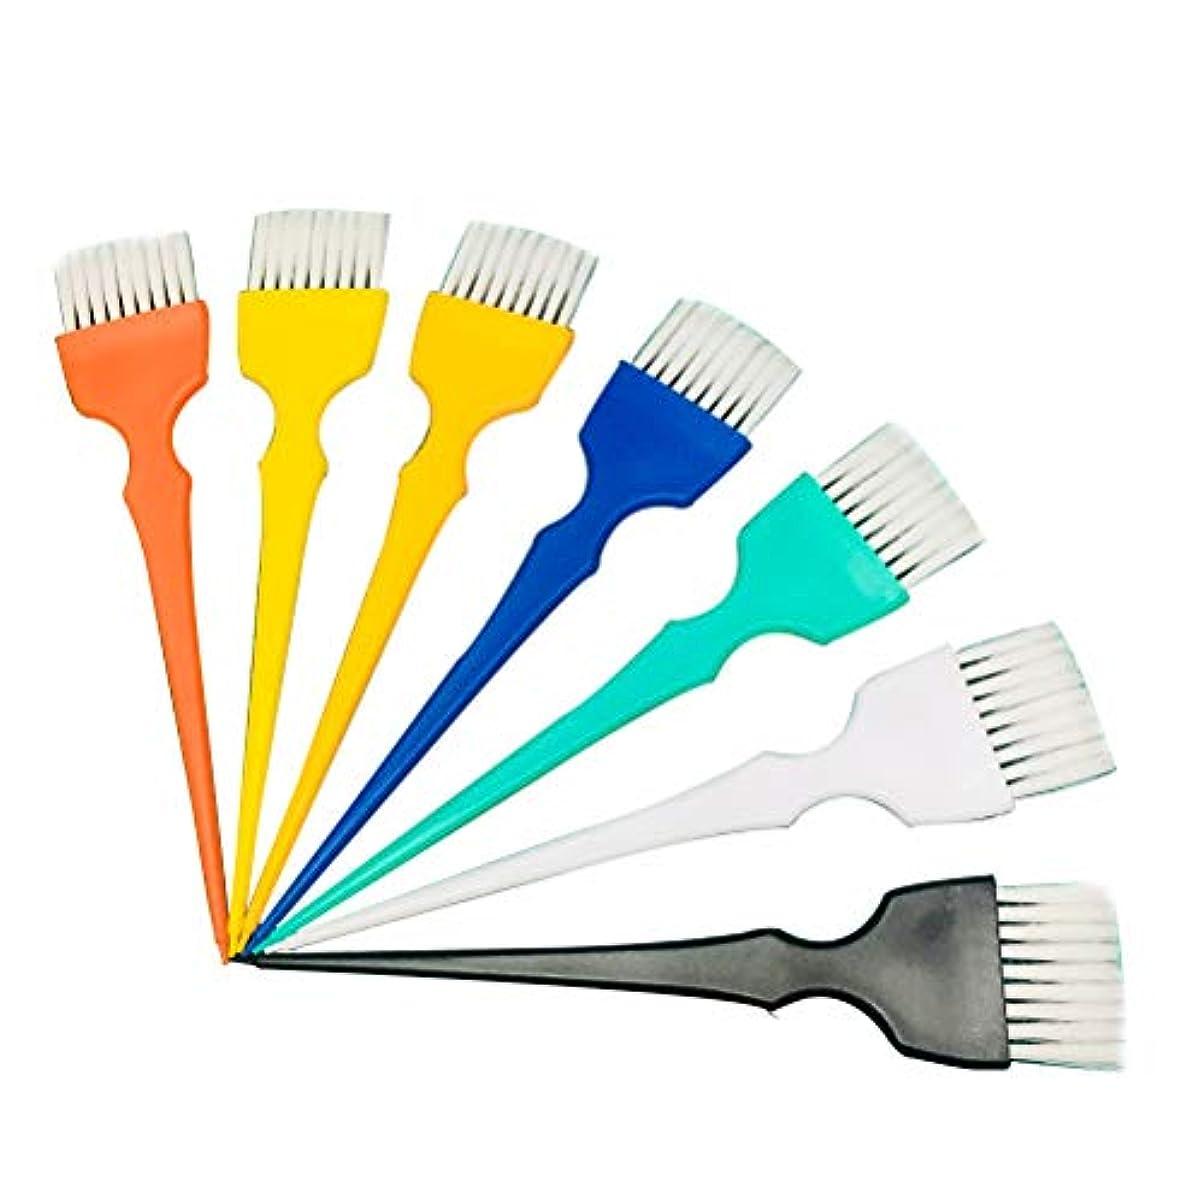 政令均等にラバFrcolor ヘアダイブラシ ヘアカラーブラシ ヘアダイコーム 白髪染め 家庭用 美容師プロ用 プラスチック製 7本セット(ランダムカラー)